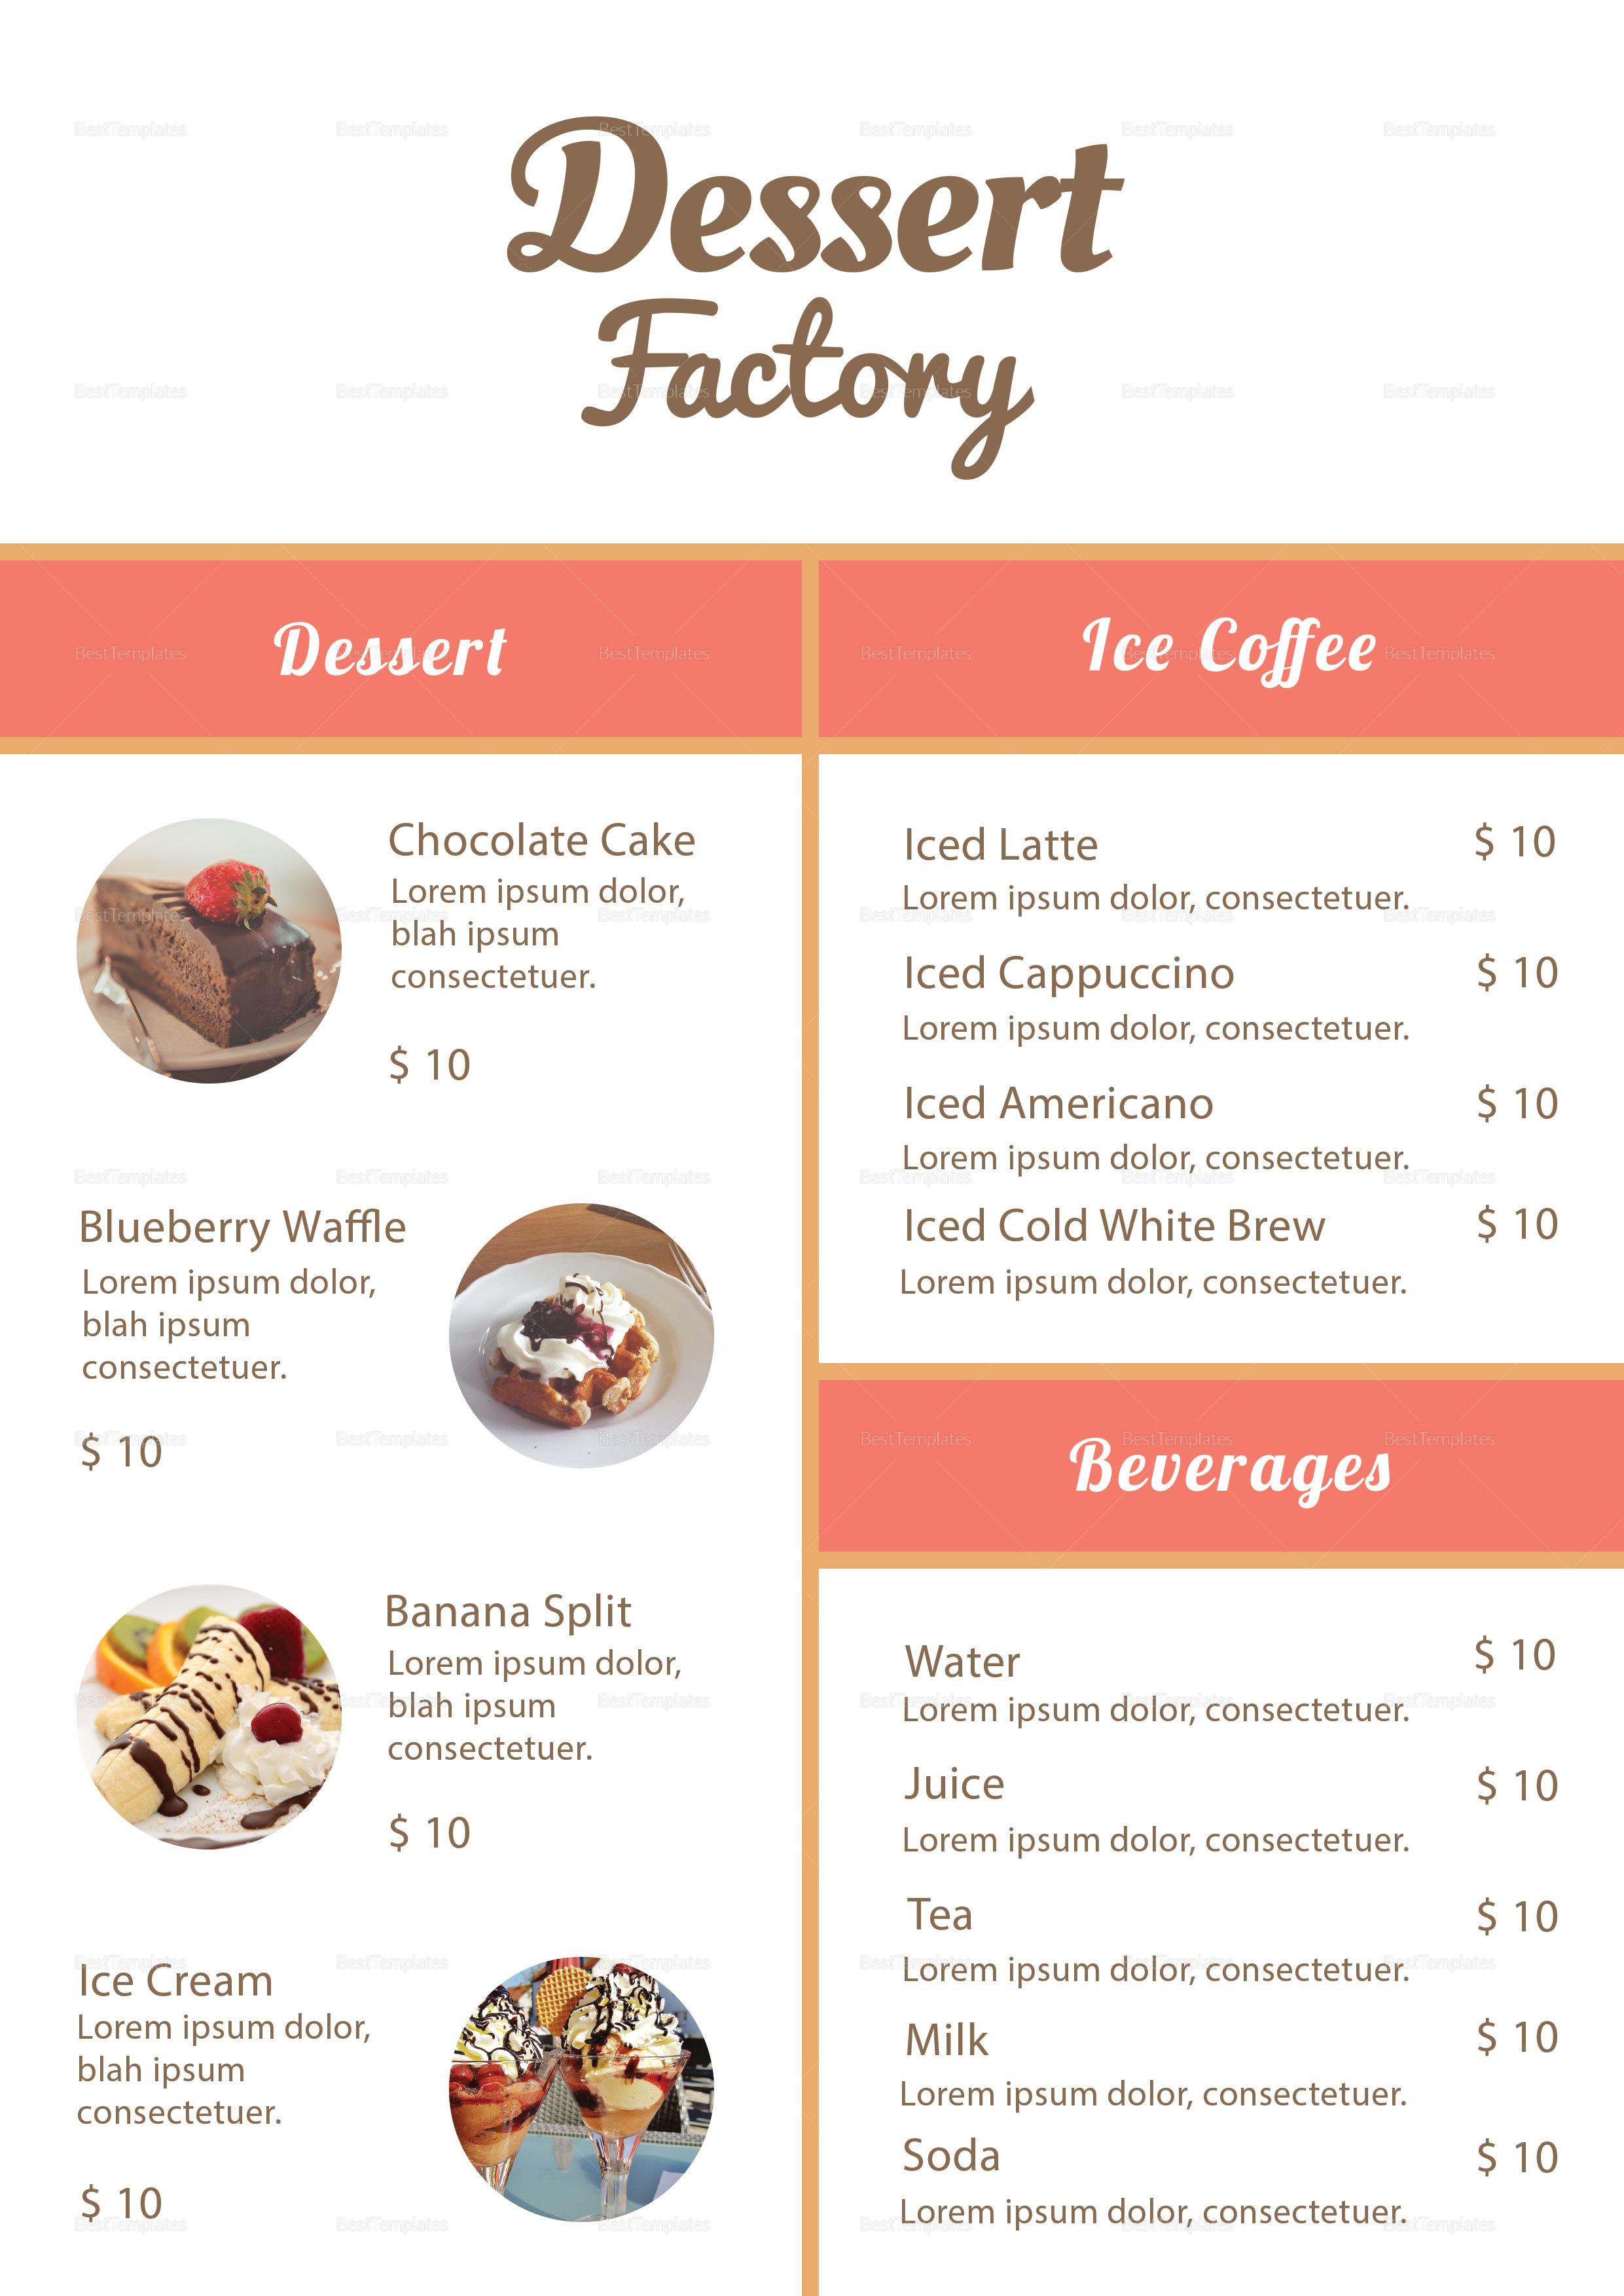 elegant dessert menu design template in psd word publisher illustrator indesign. Black Bedroom Furniture Sets. Home Design Ideas